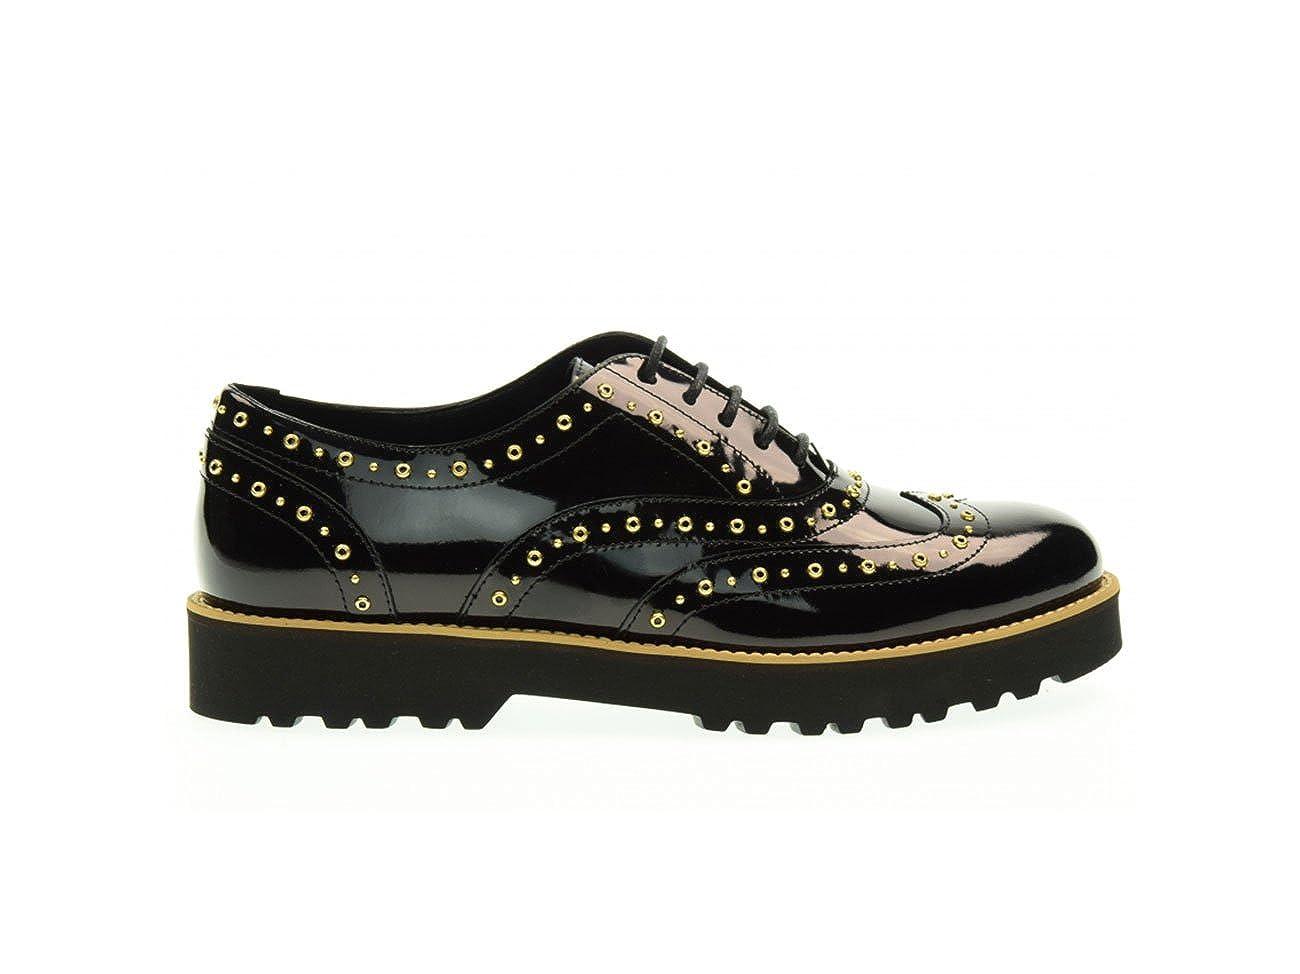 Hogan Zapatos EN Cuero Negro, Mujer. 36.5 EU